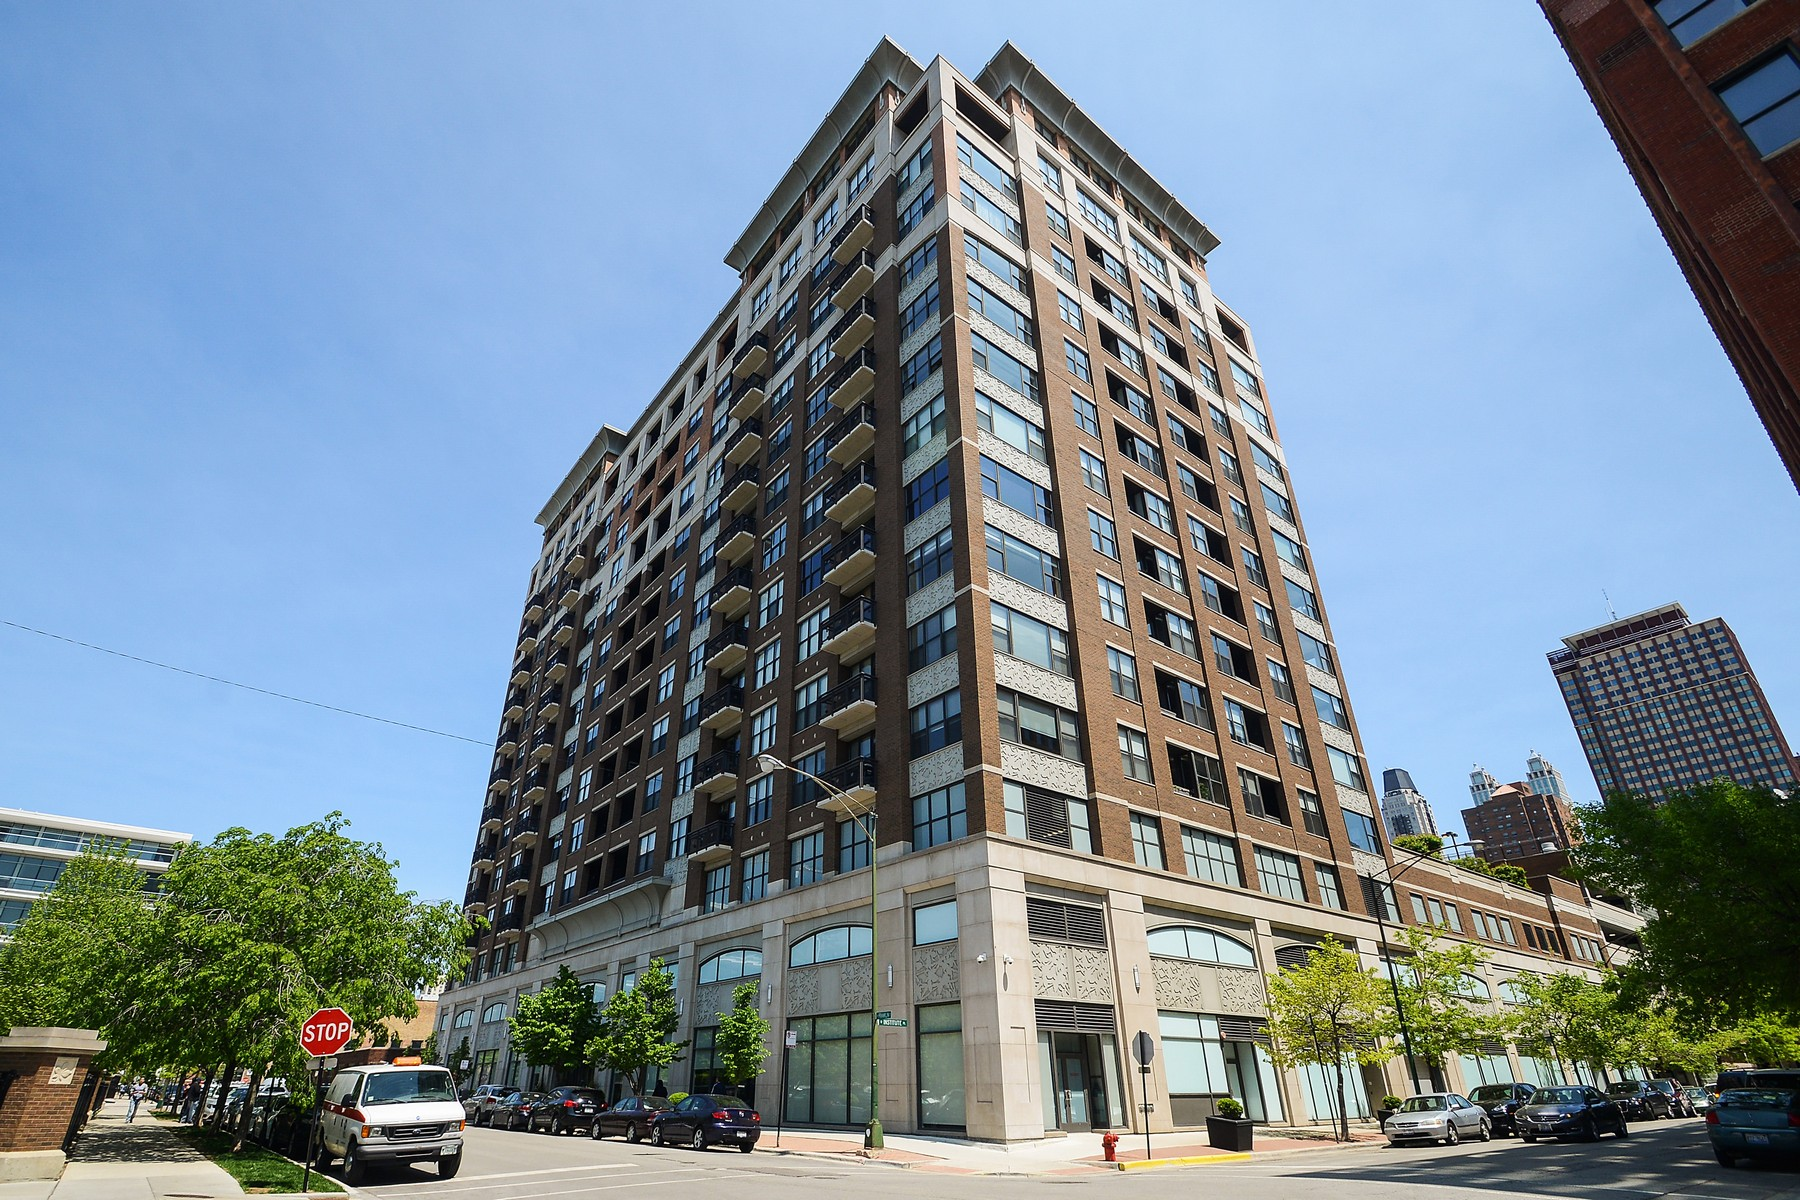 Maison unifamiliale pour l Vente à Luxury High-Floor Home 849 N Franklin Street Unit 1214 Near North, Chicago, Illinois, 60610 États-Unis